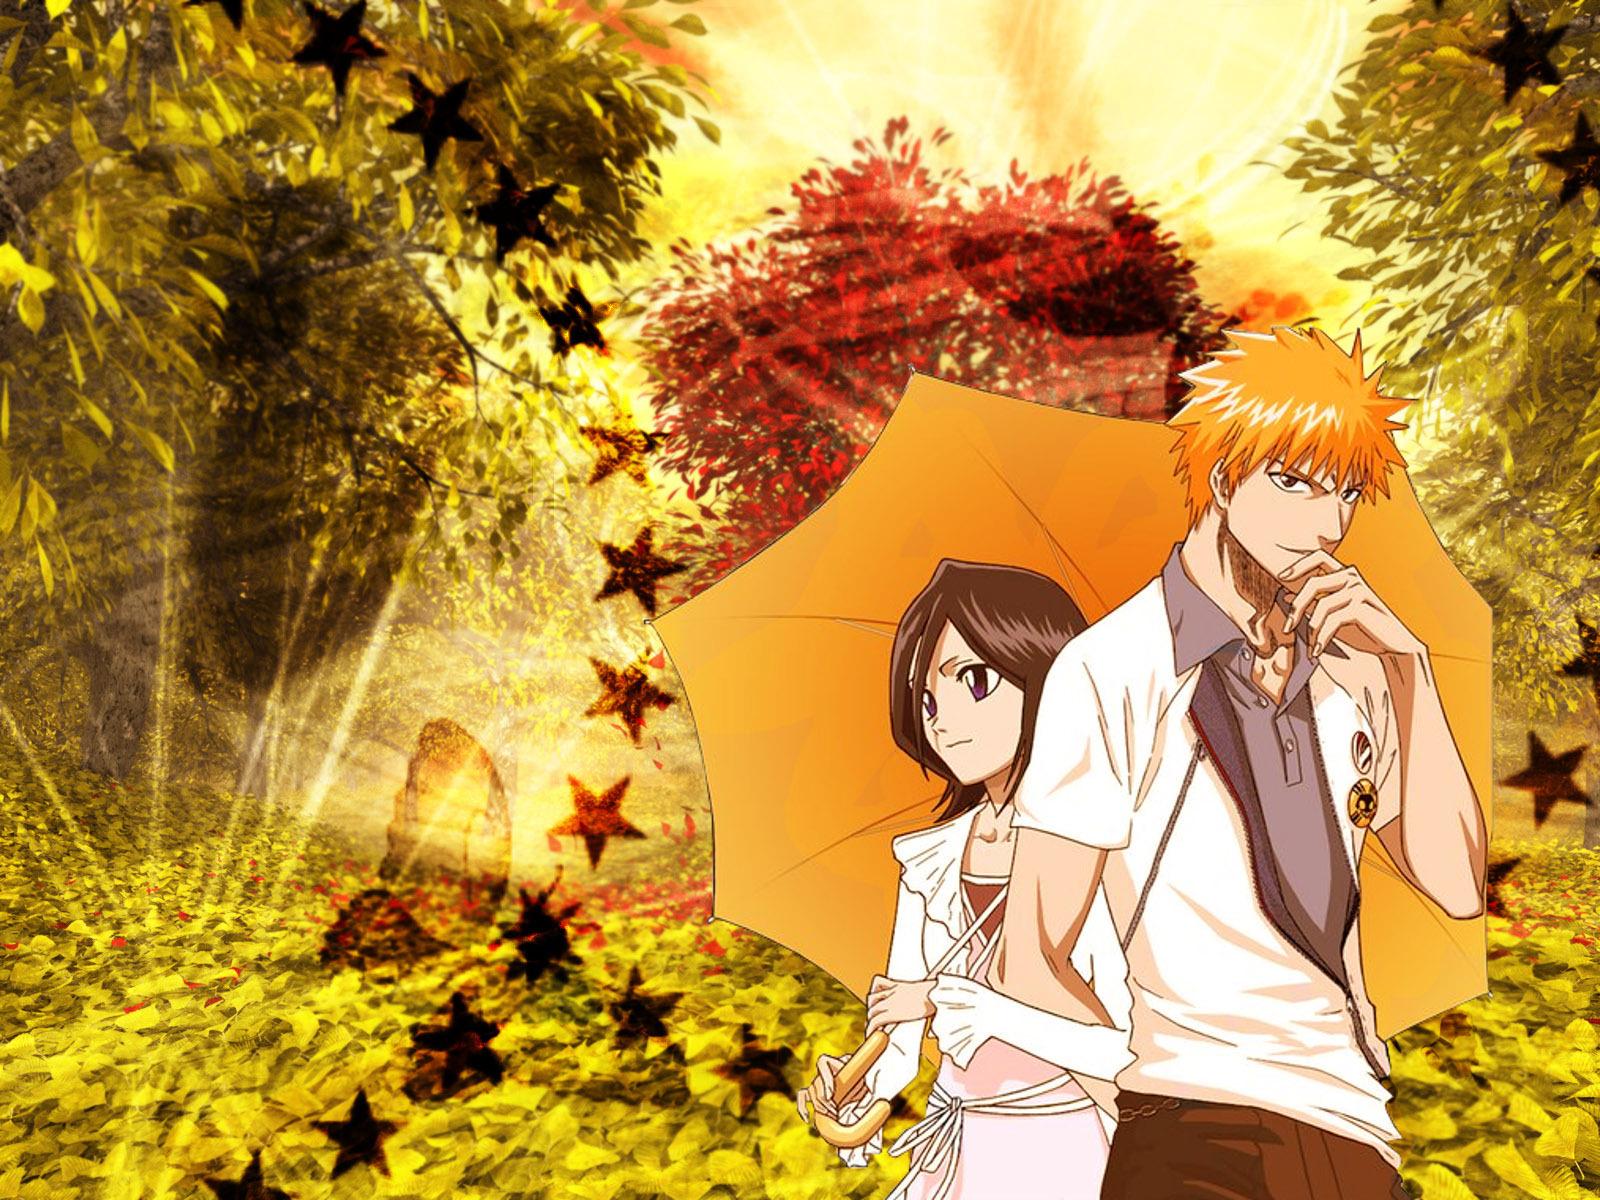 Bonewallpaper - Best desktop HD Wallpapers: Bleach Anime ...